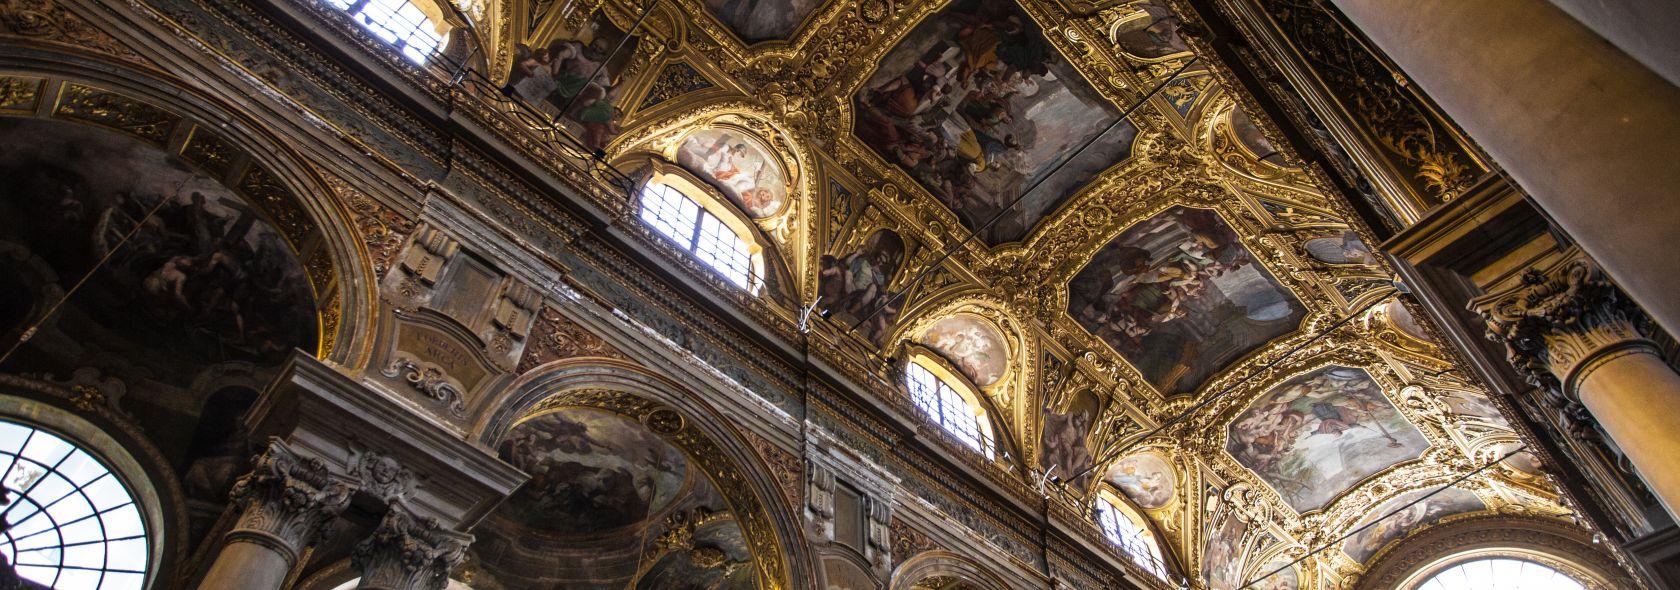 Basilica delle Vigne - affreschi seicenteschi della volta